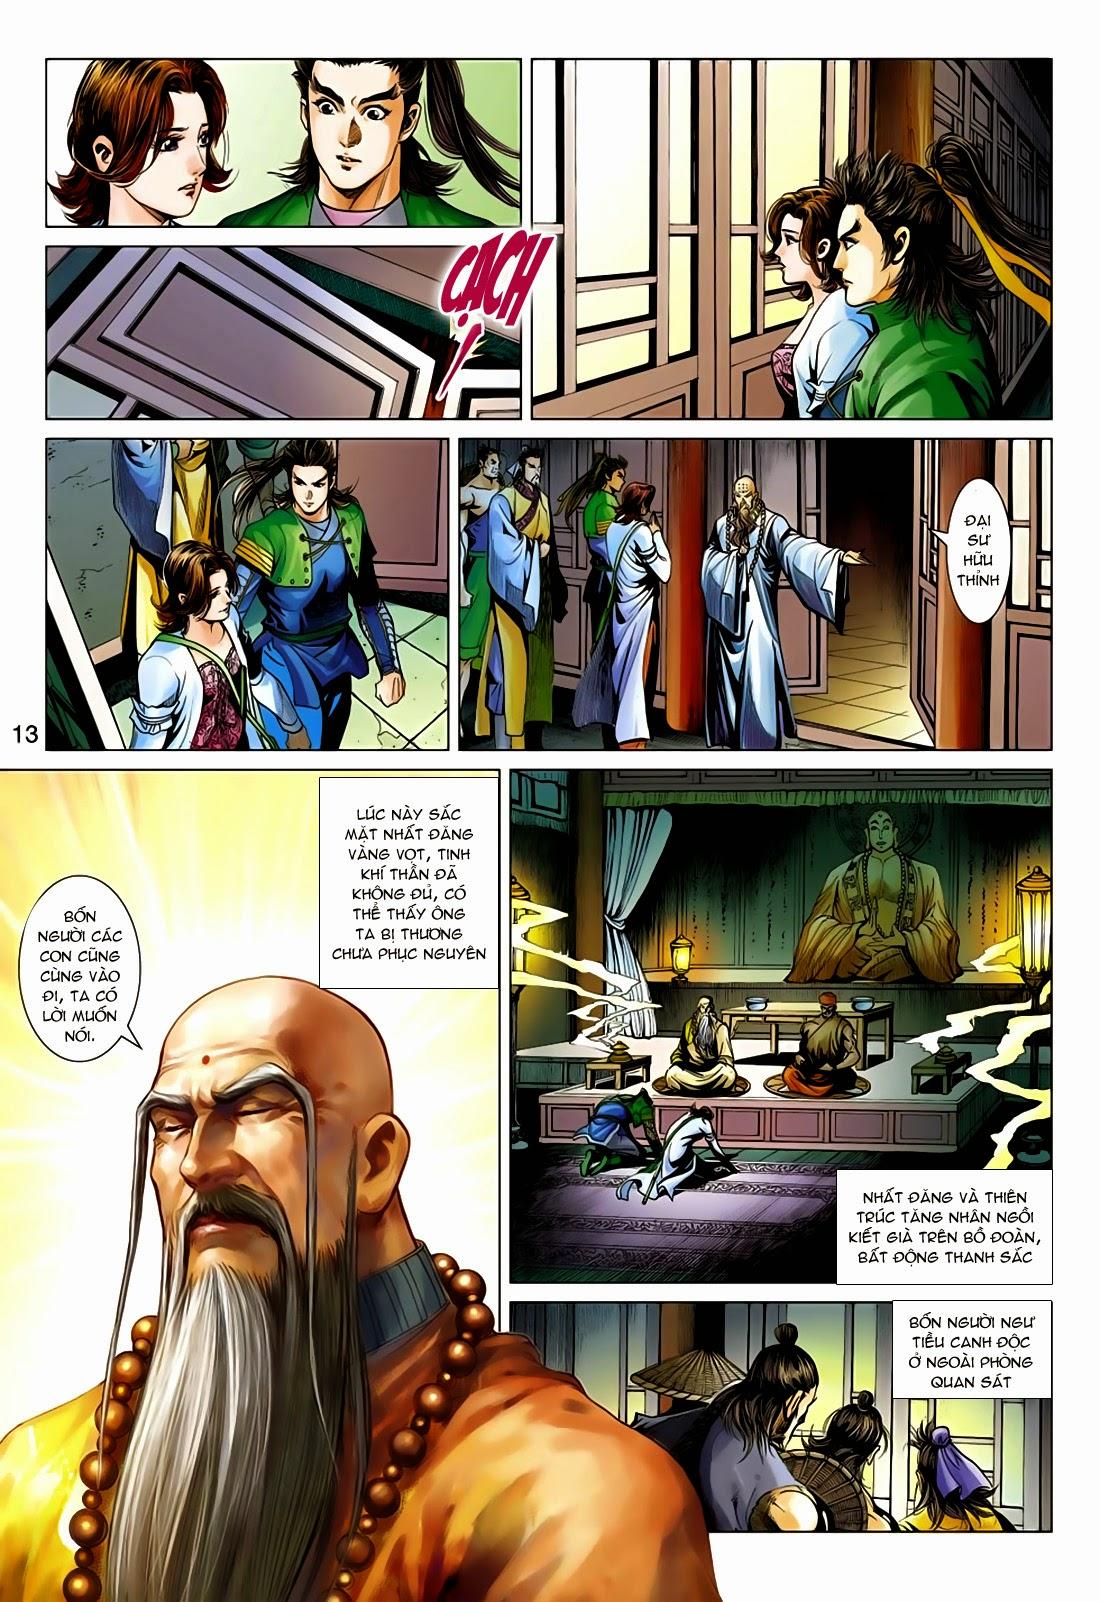 Anh Hùng Xạ Điêu anh hùng xạ đêu chap 75: hoàng thành cựu sự trang 13